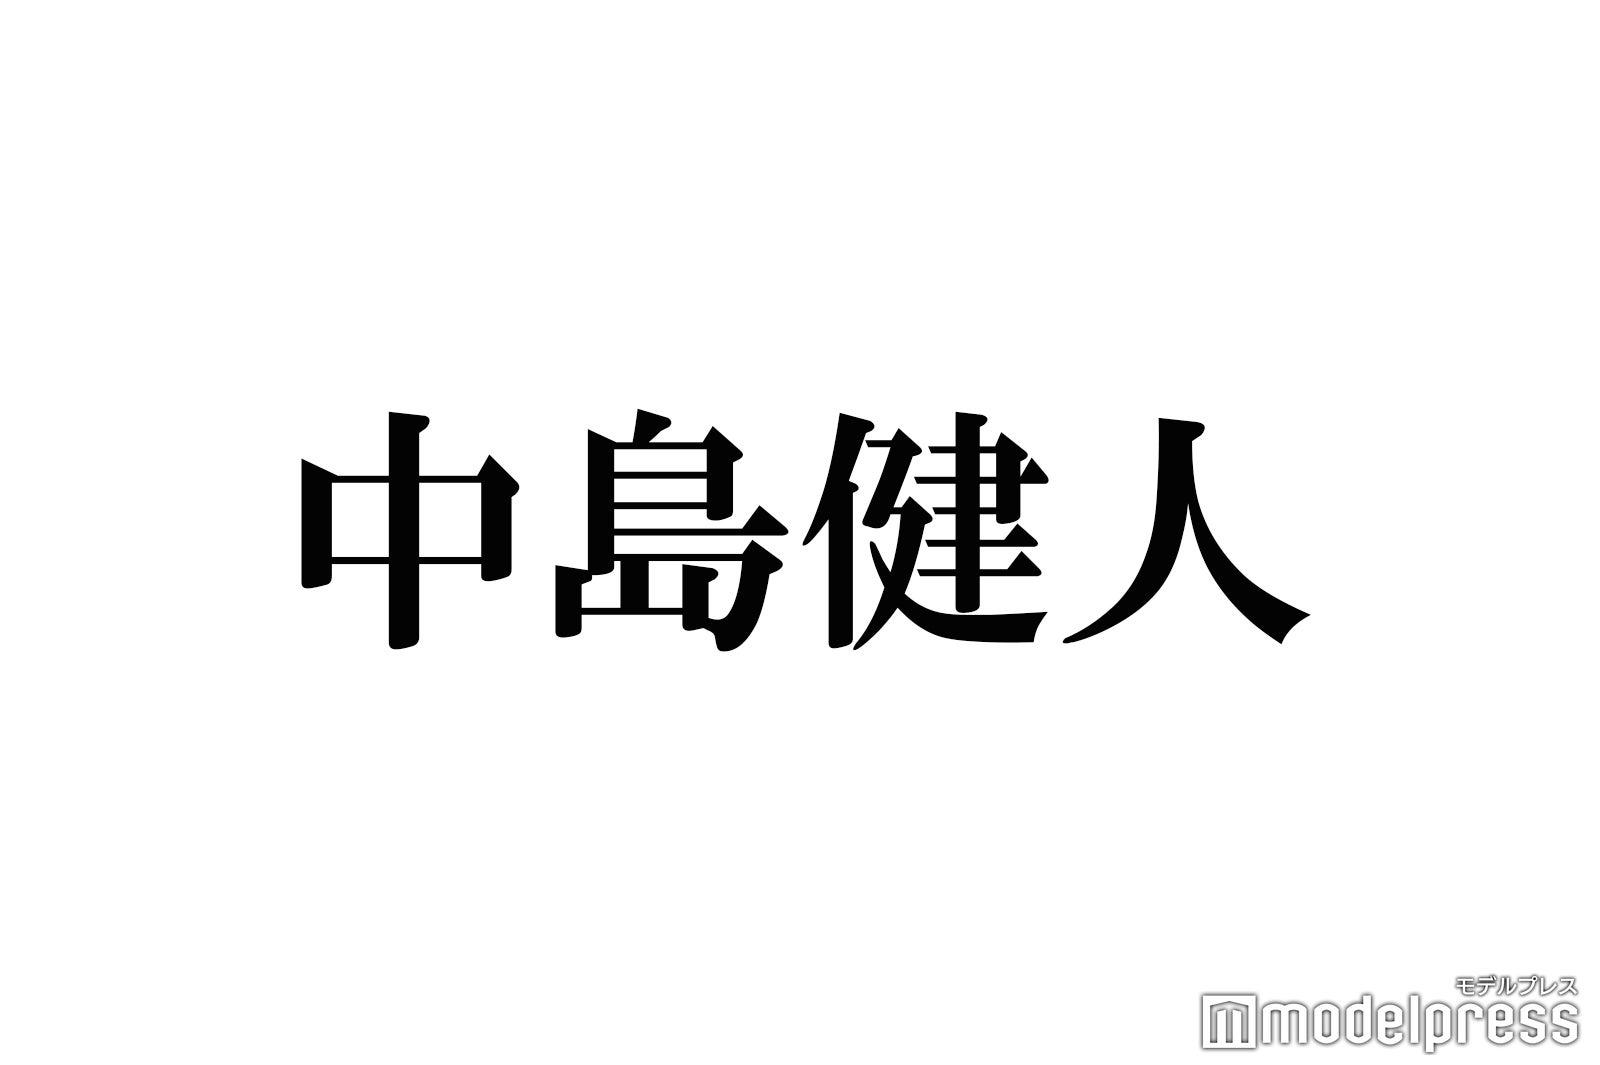 """「鬼滅の刃」熱烈ファン・Sexy Zone中島健人、ジャニーズの未来に""""Jの呼吸""""で意気込み"""